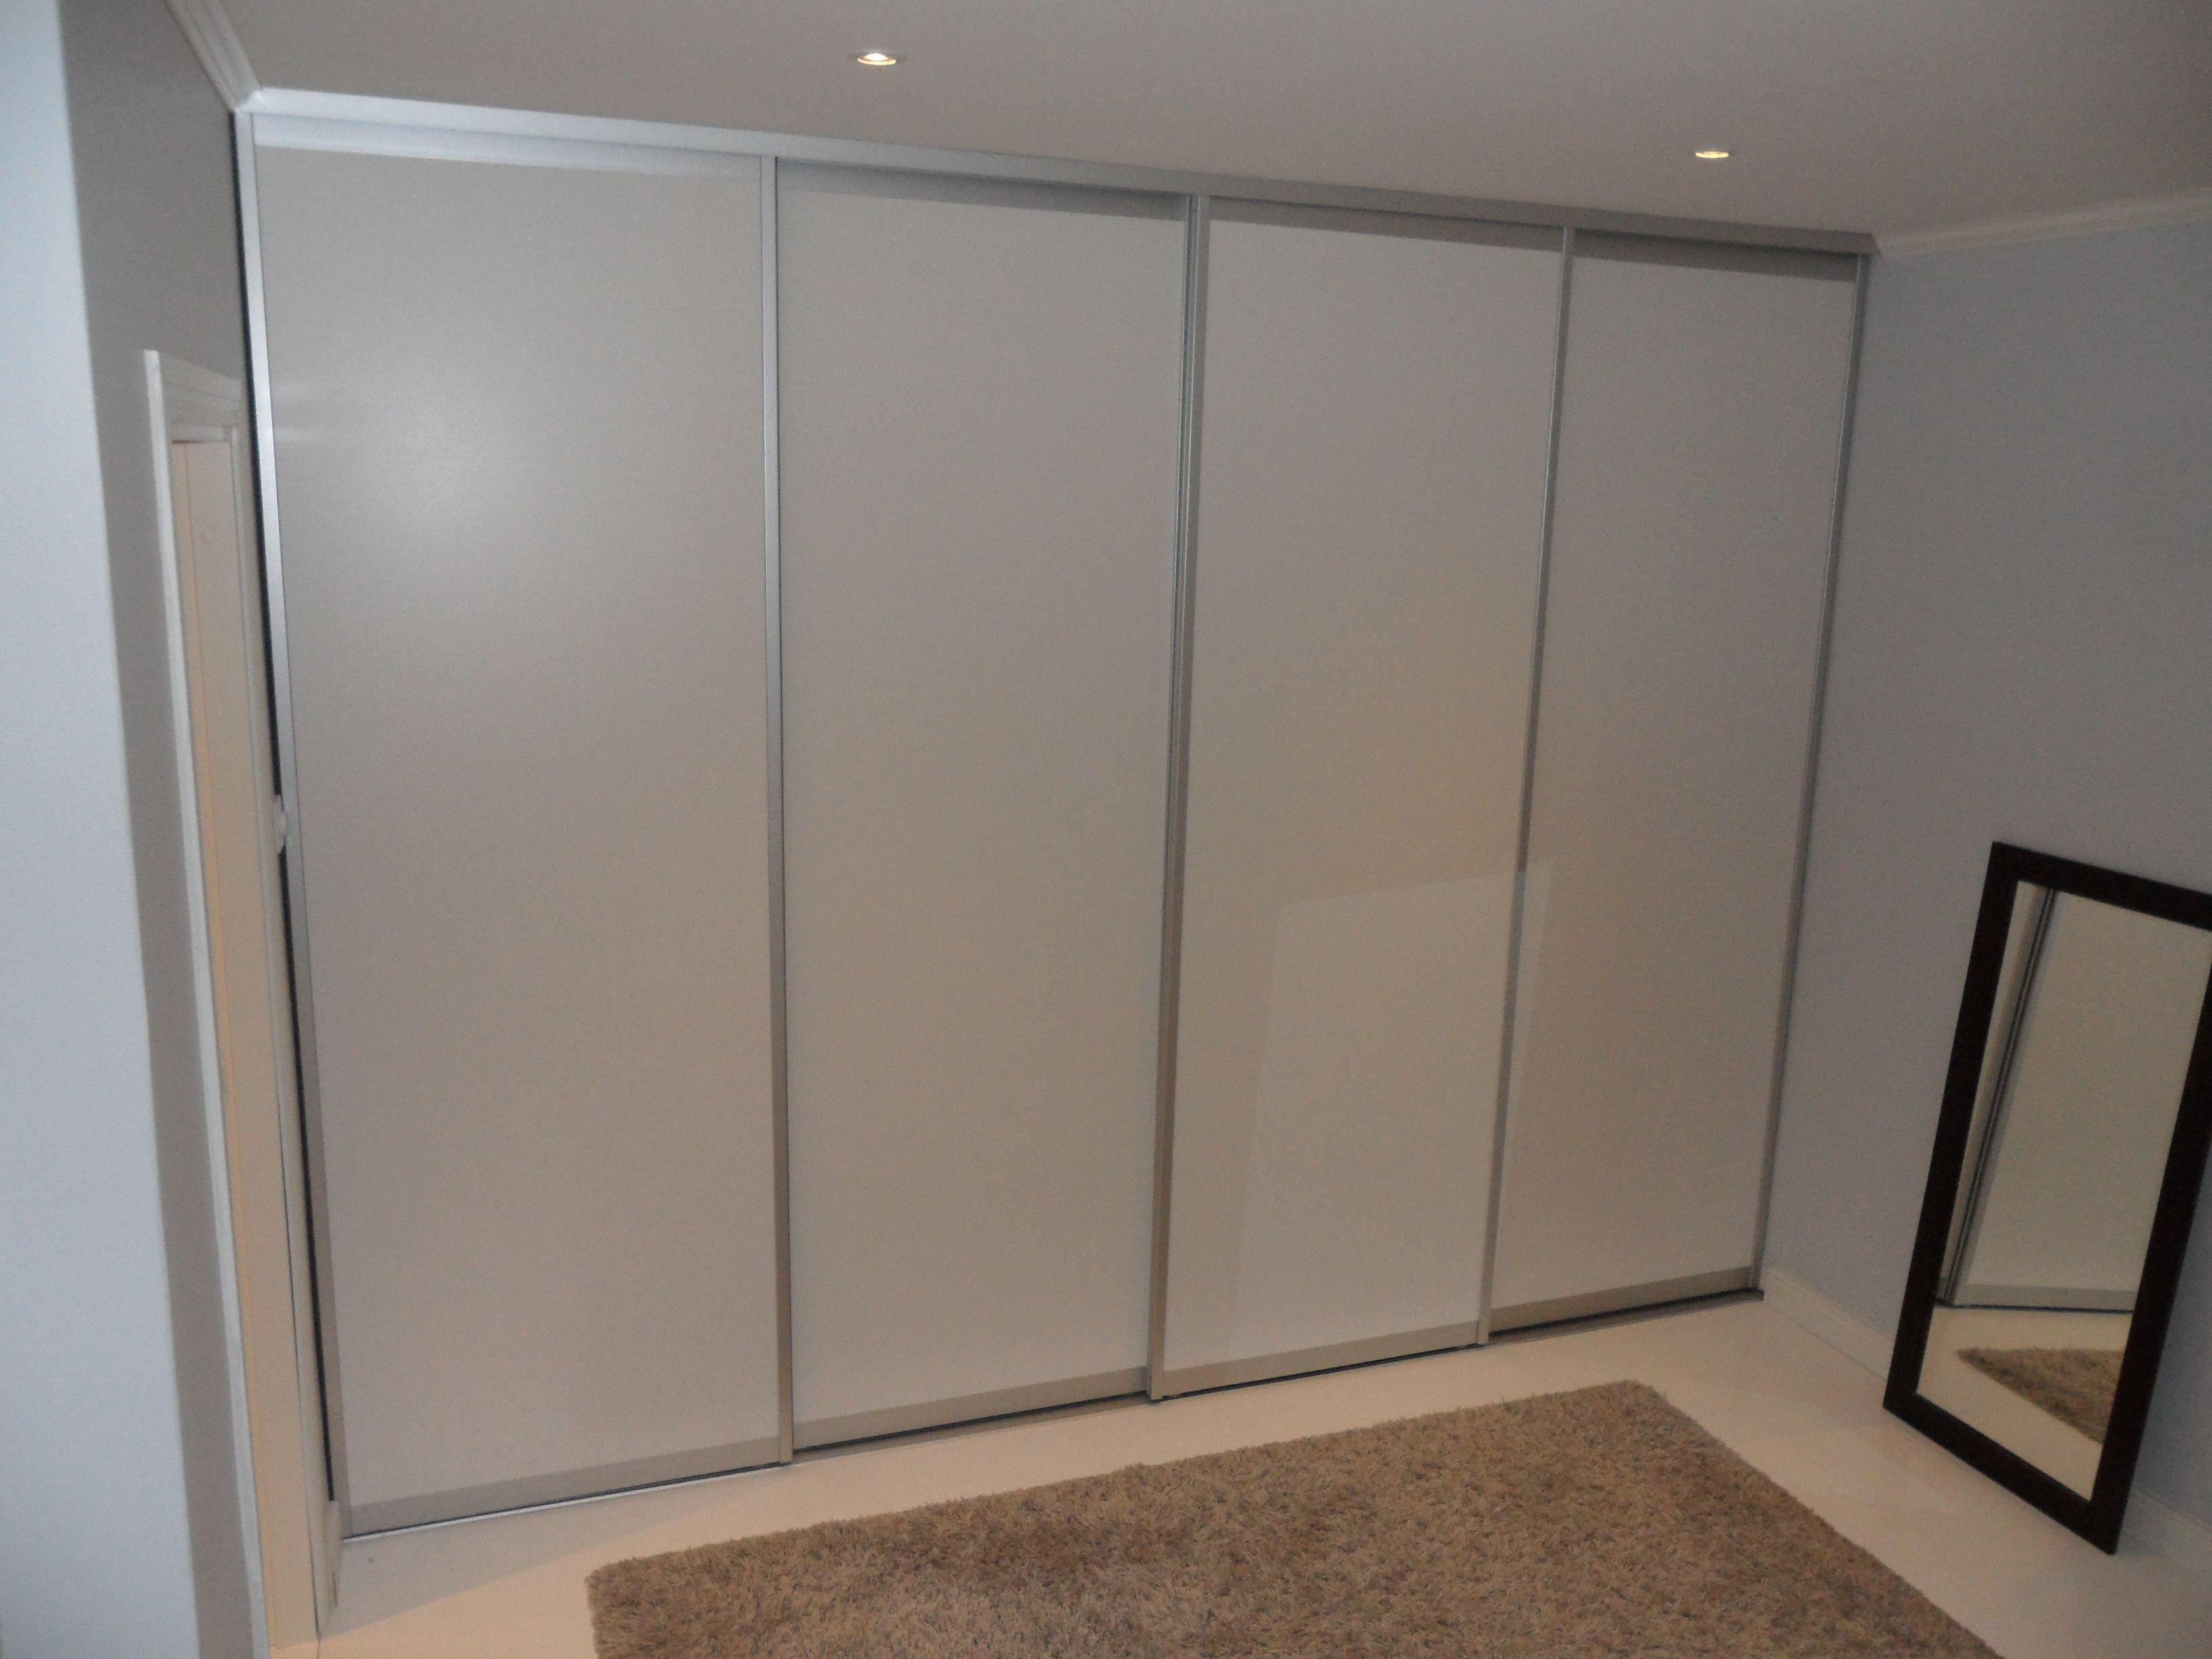 Makuuhuoneen kaapisto liukuovilla. Mirror Linen valkoinen väre -ovi alumiinisella Classic Mini kehyksellä.  Alumiinikehys tekee ovista hyvin kevyitä ja helposti liikuteltavia.